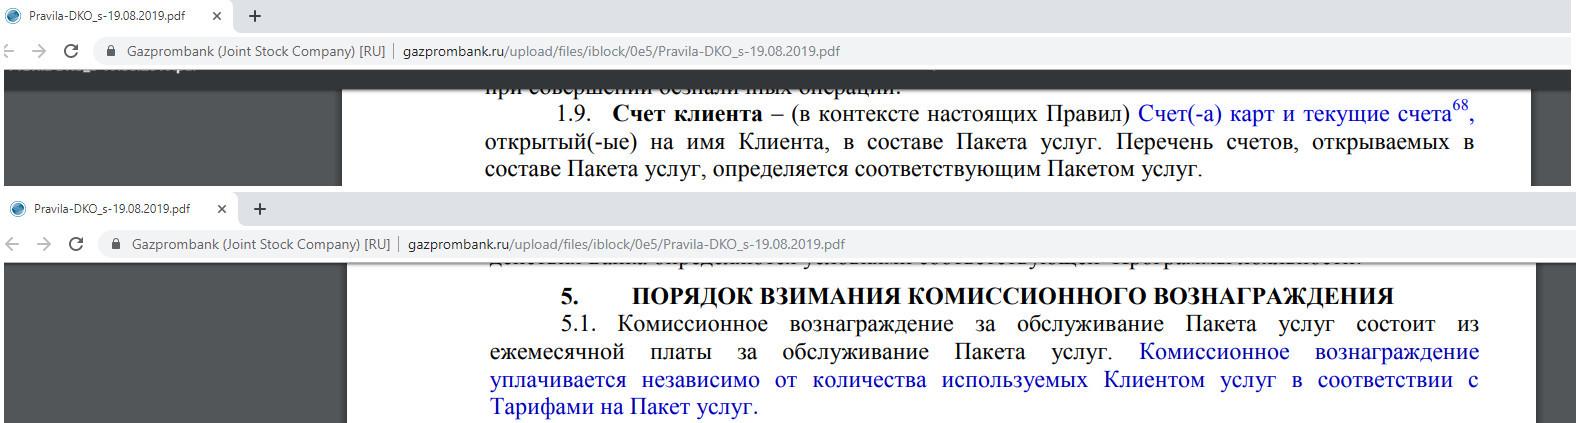 Условия обслуживания Умной карты в пакете Универсальный Газпромбанка